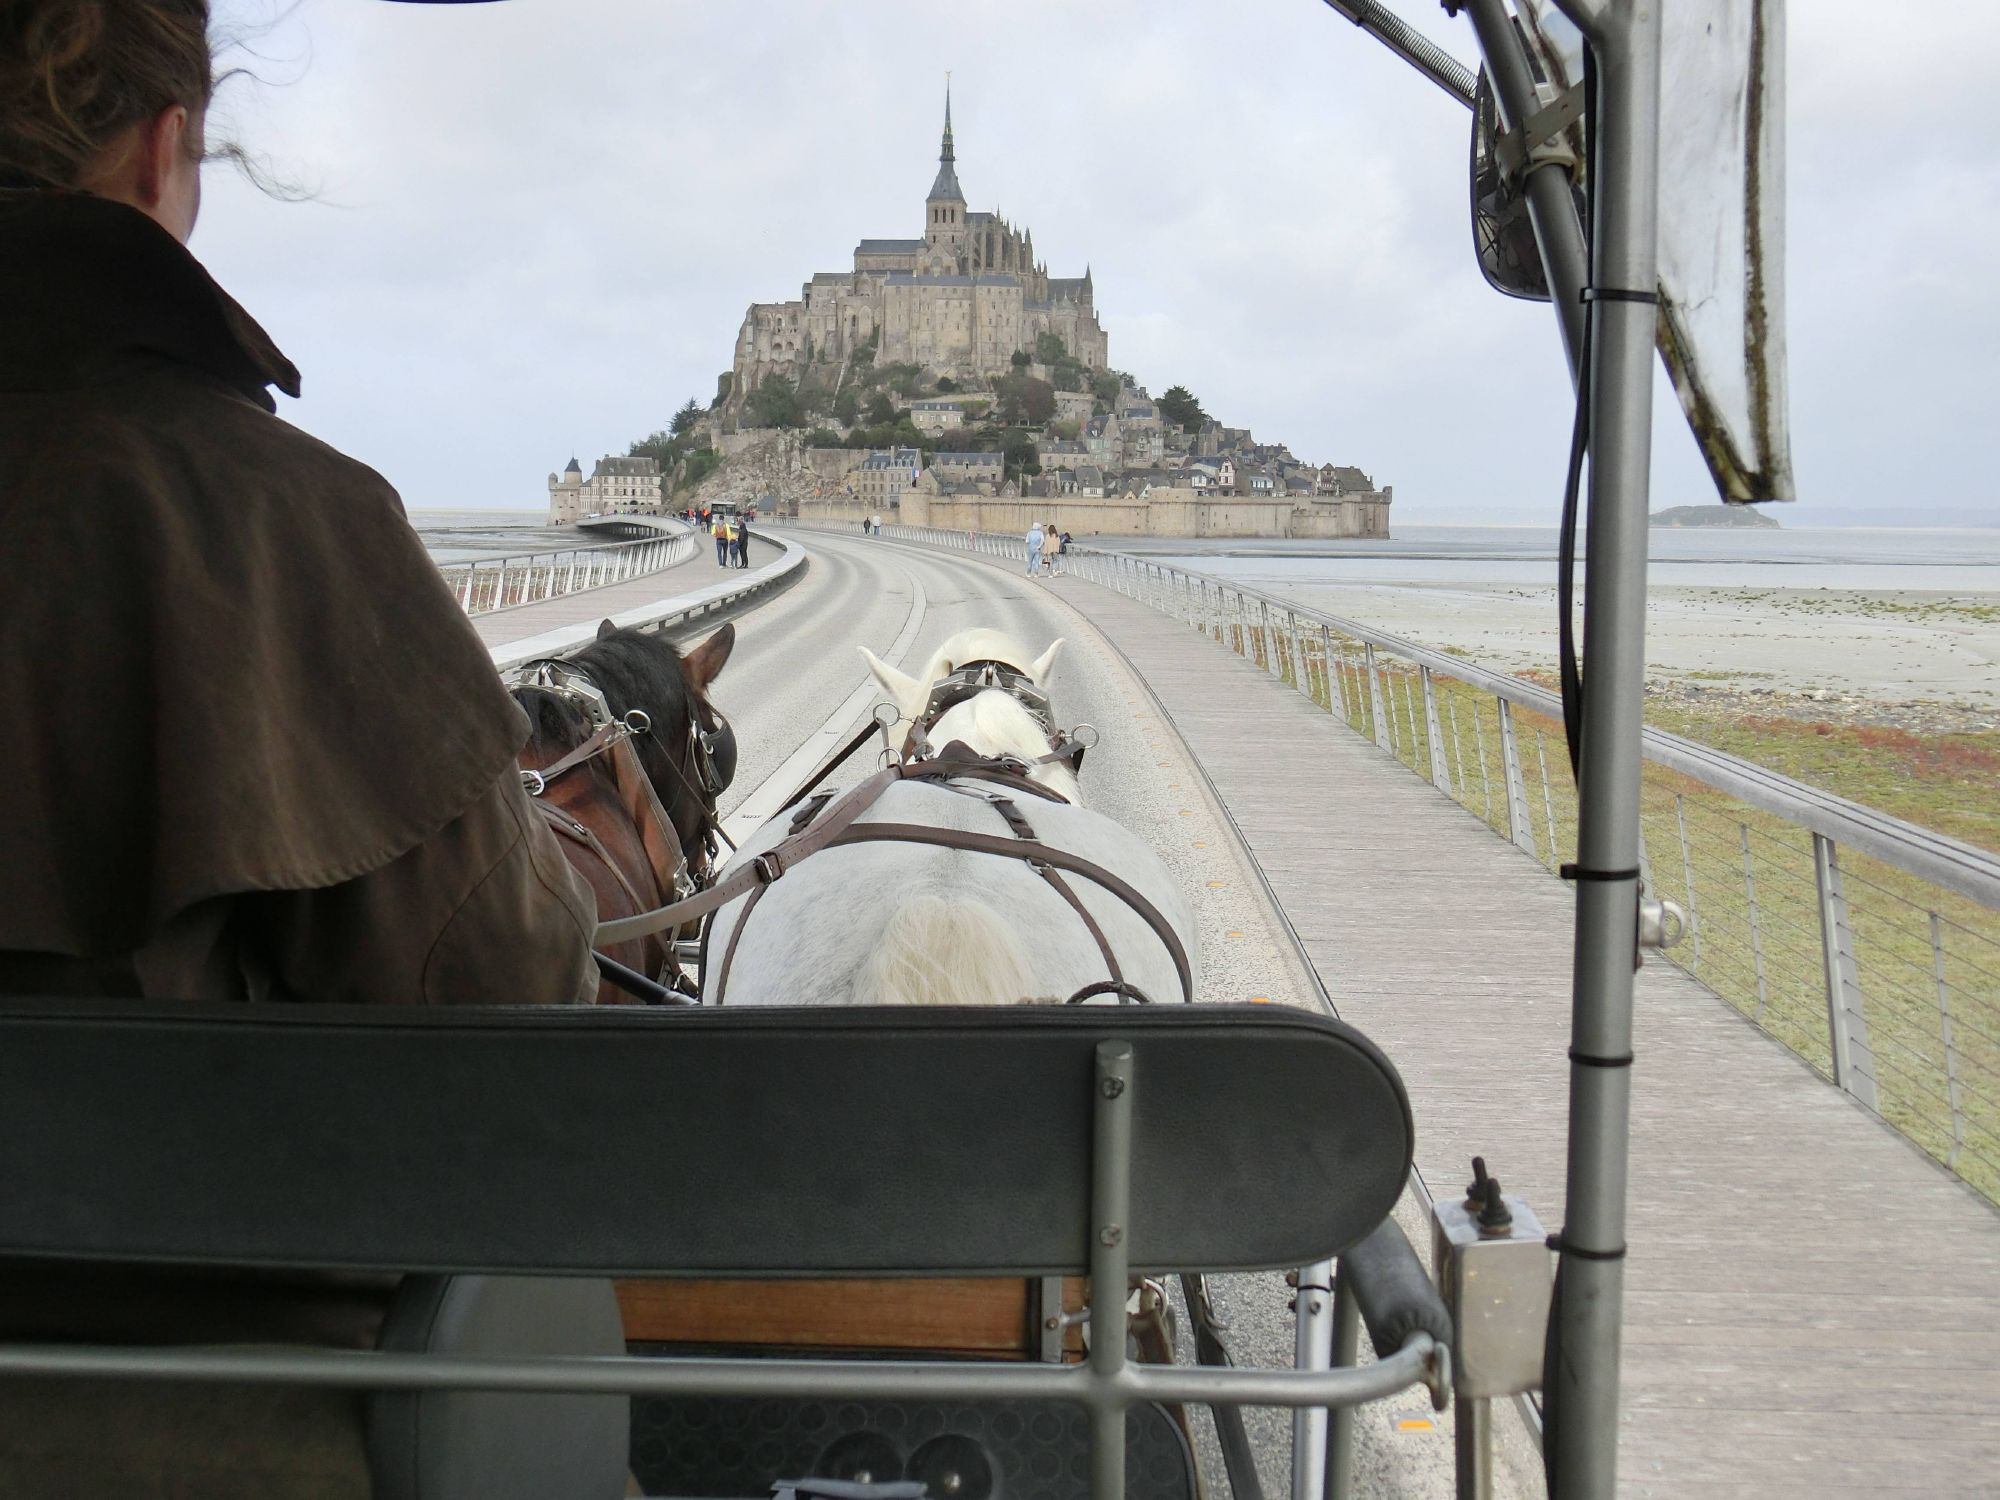 Gemächlichen Schritts ziehen der Schimmel Cesar und sein Kumpel die Kutsche mit den Besuchern über die Brücke – dem beeindruckenden Mont-Saint-Michel vor der Küste Frankreichs entgegen.